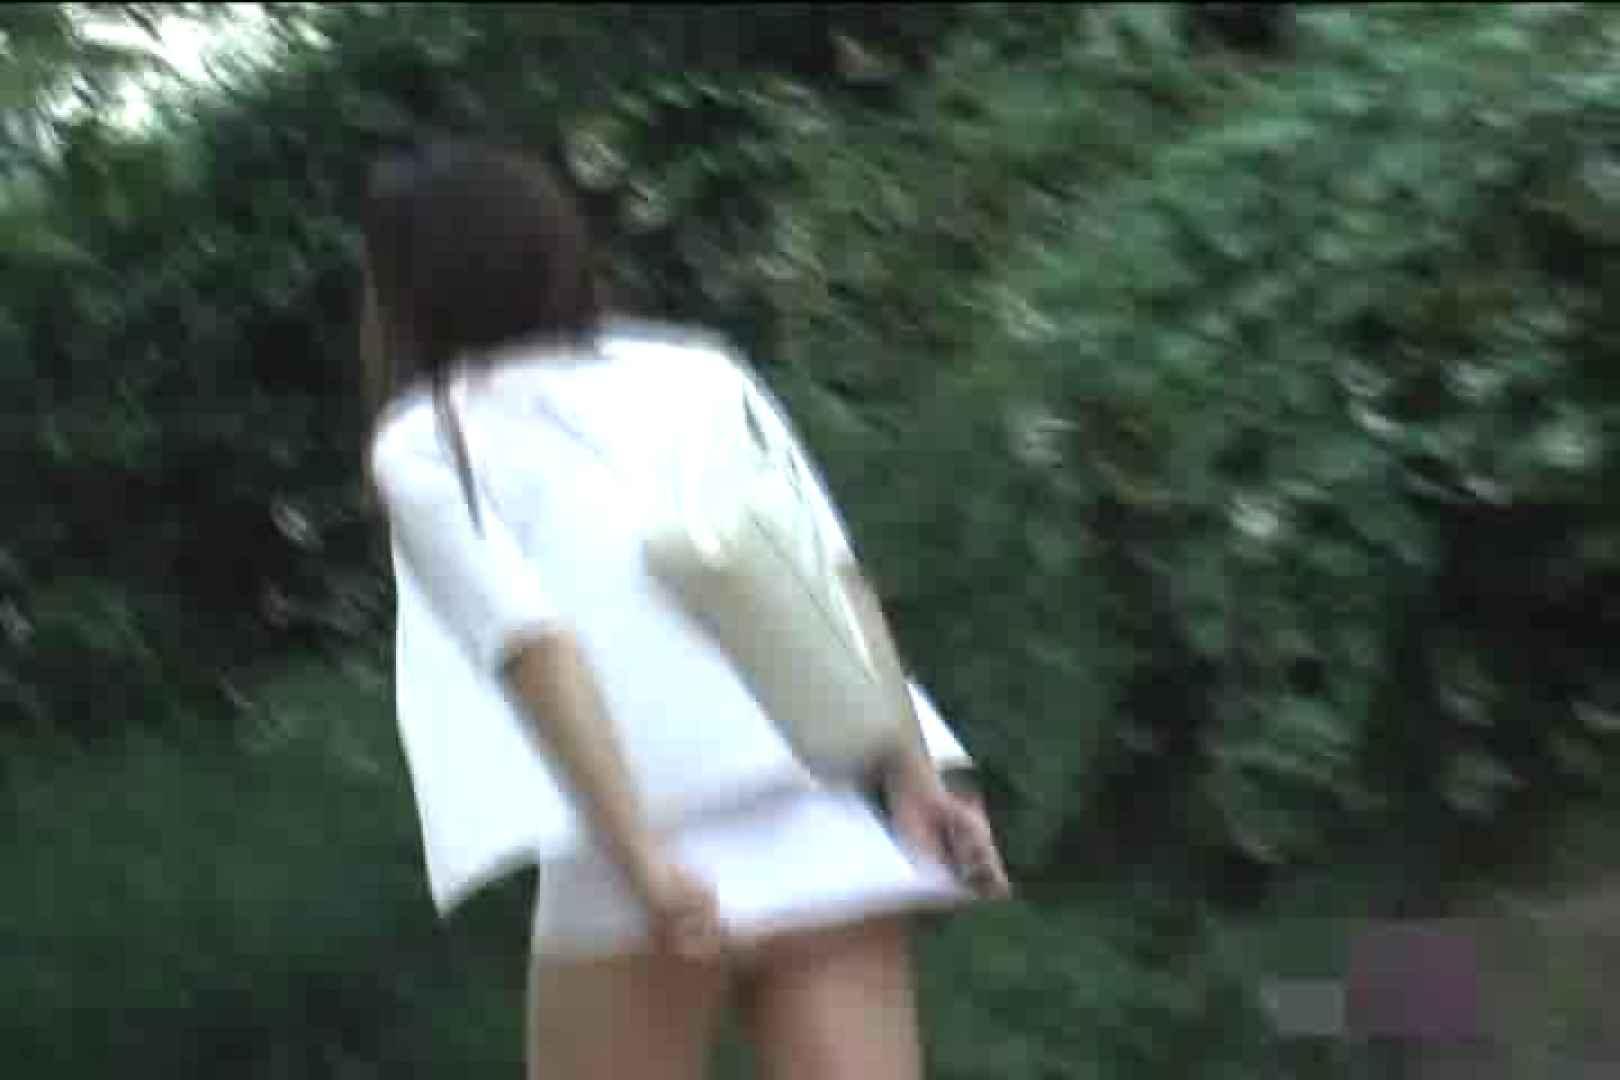 検証!隠し撮りスカートめくり!!Vol.4 ギャル | OLヌード天国  68PIX 65